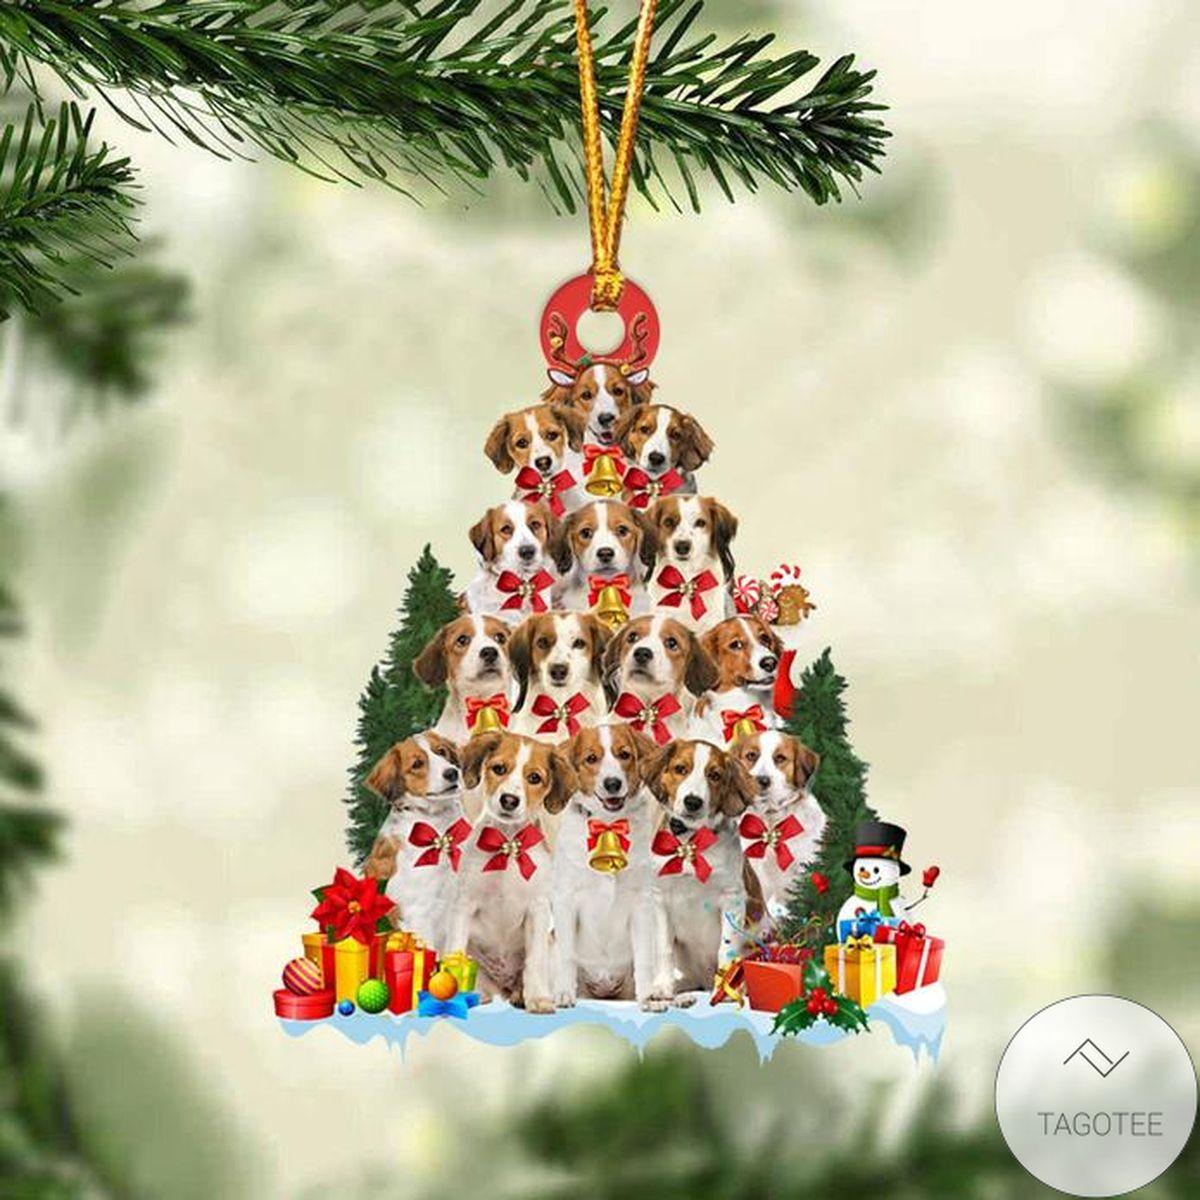 Kooikerhondje Dog Christmas Tree Ornament